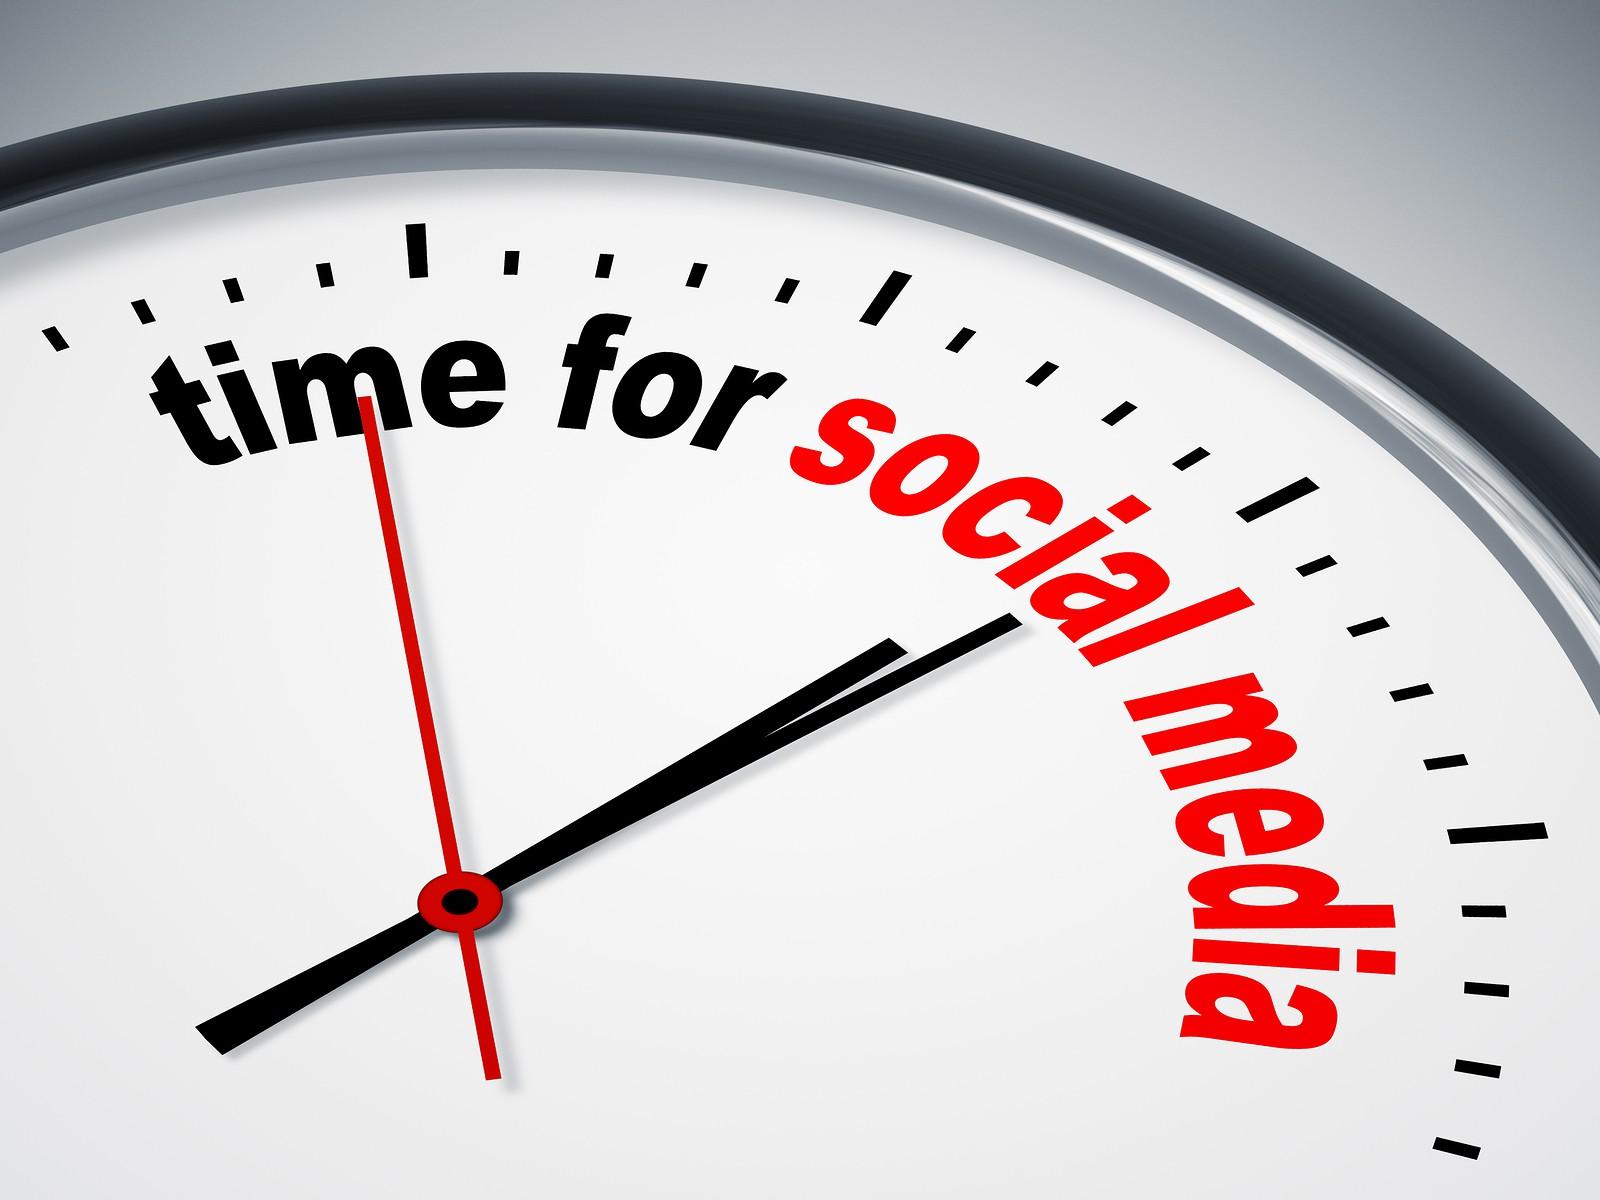 Make Time for Social Media